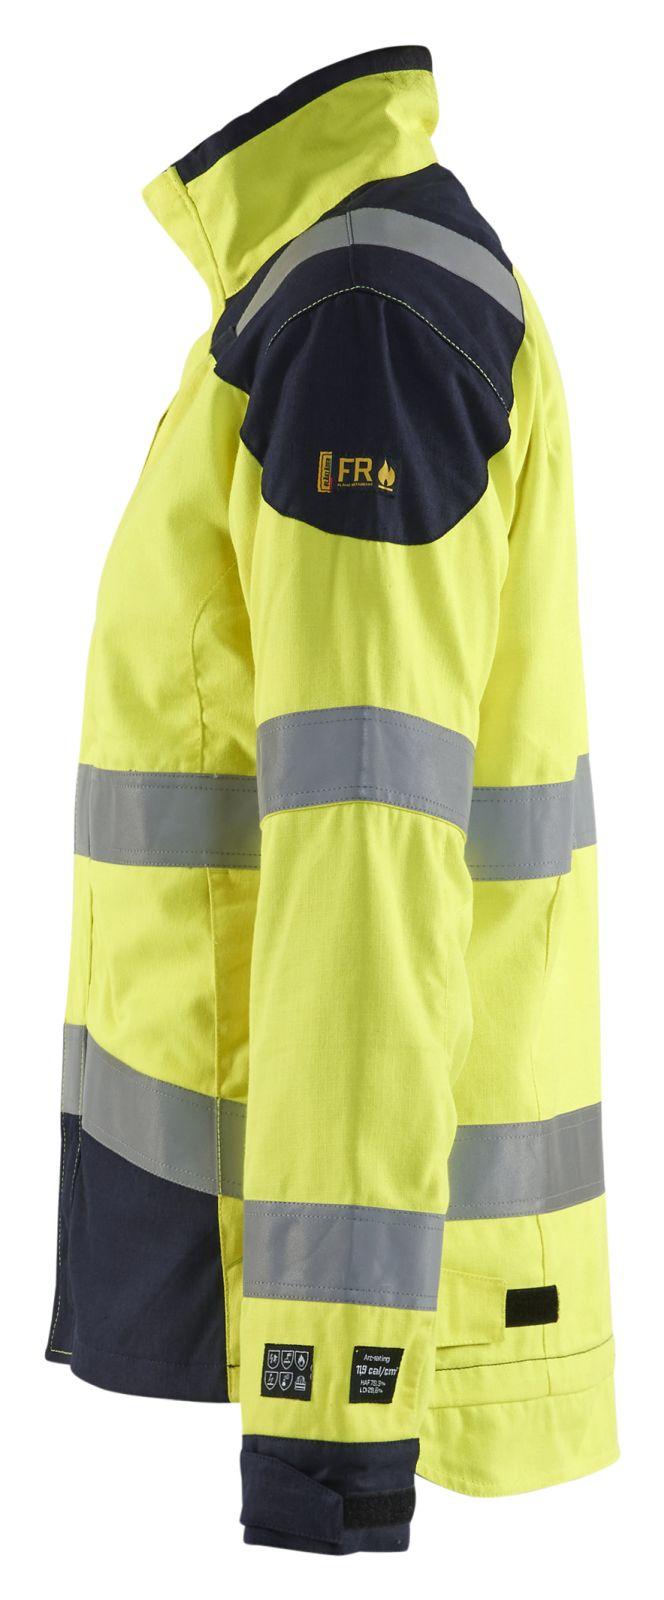 Blaklader Dames werkjacks 49691512 Multinorm fluo geel-marineblauw(3389)